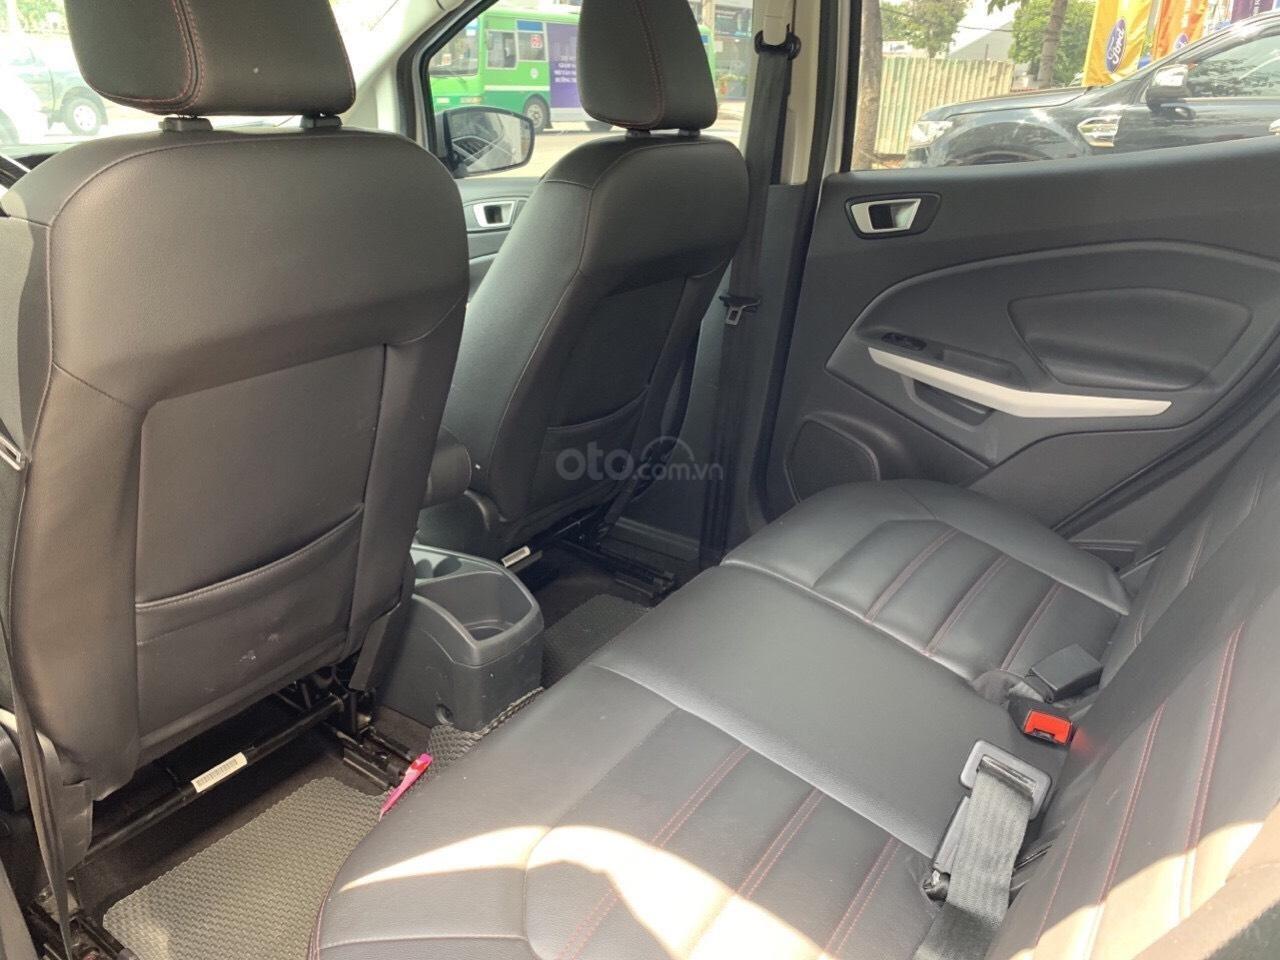 Bán xe Ecosport Titanium 5 chỗ, gia đình sử dụng, đời 2015 (7)